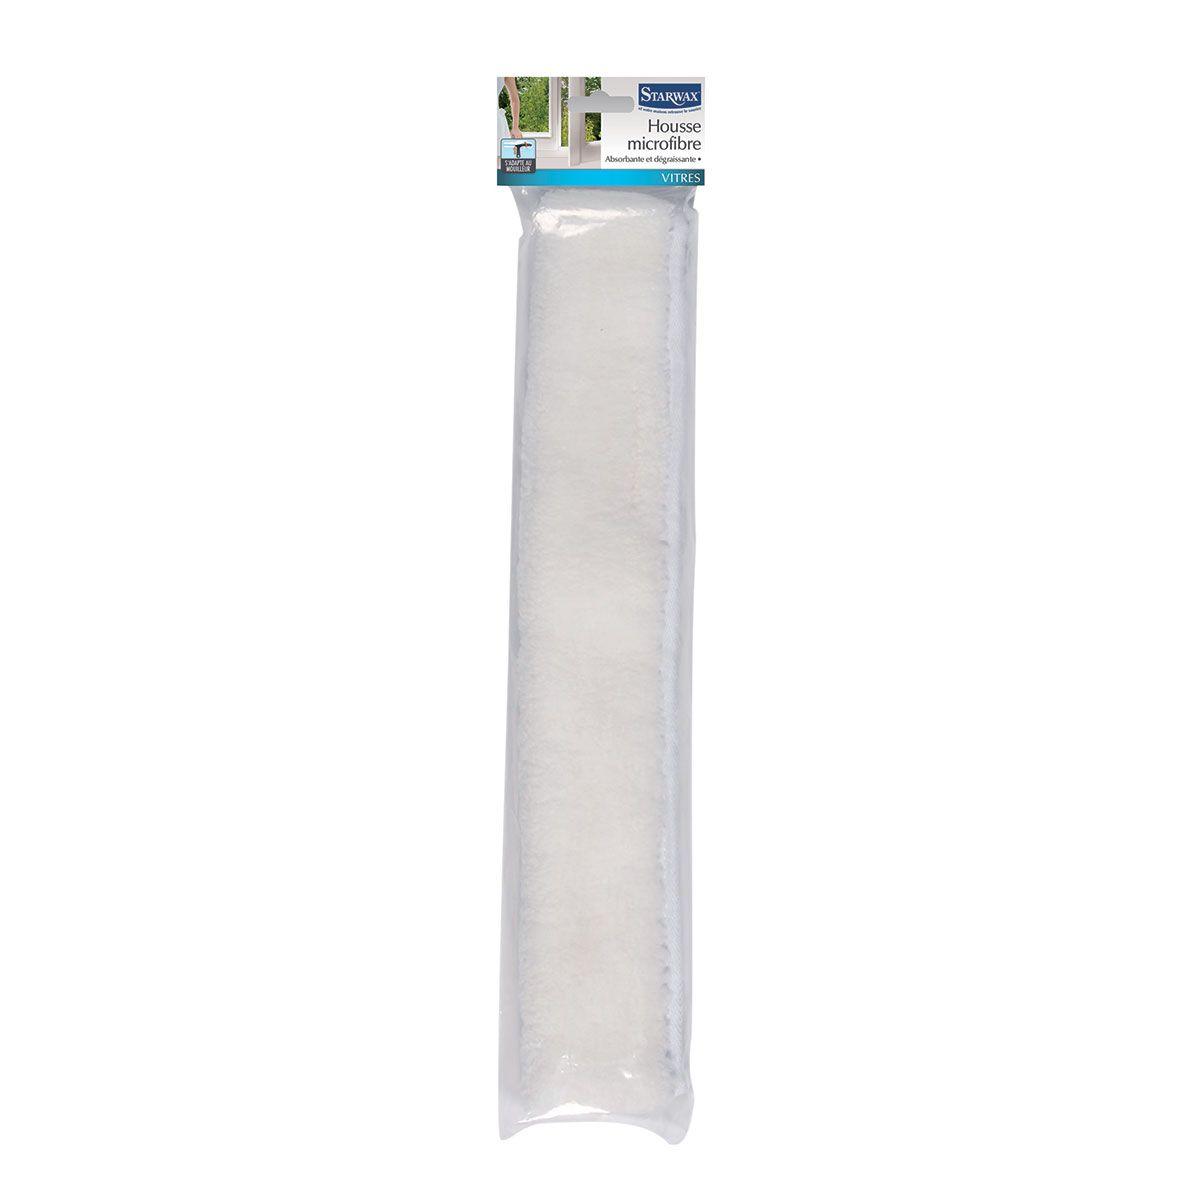 Housse microfibre pour mouilleur vitres - Starwax